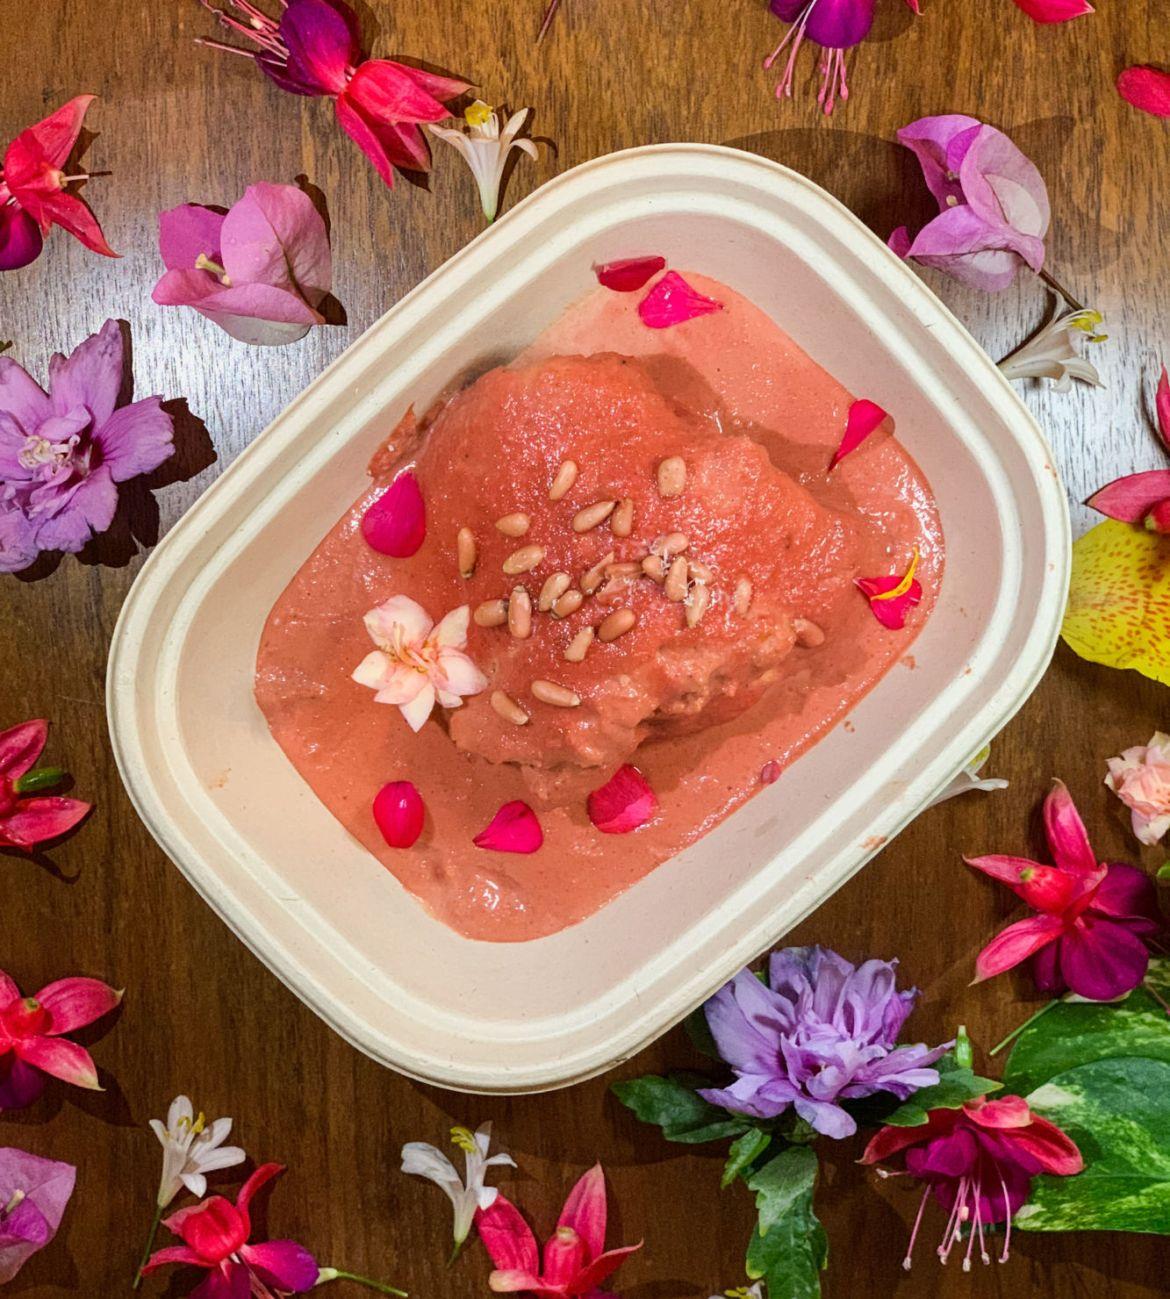 Editor's Picks: lugares de comida orgánica a domicilio en CDMX - mole-rosa-de-pincc83ones